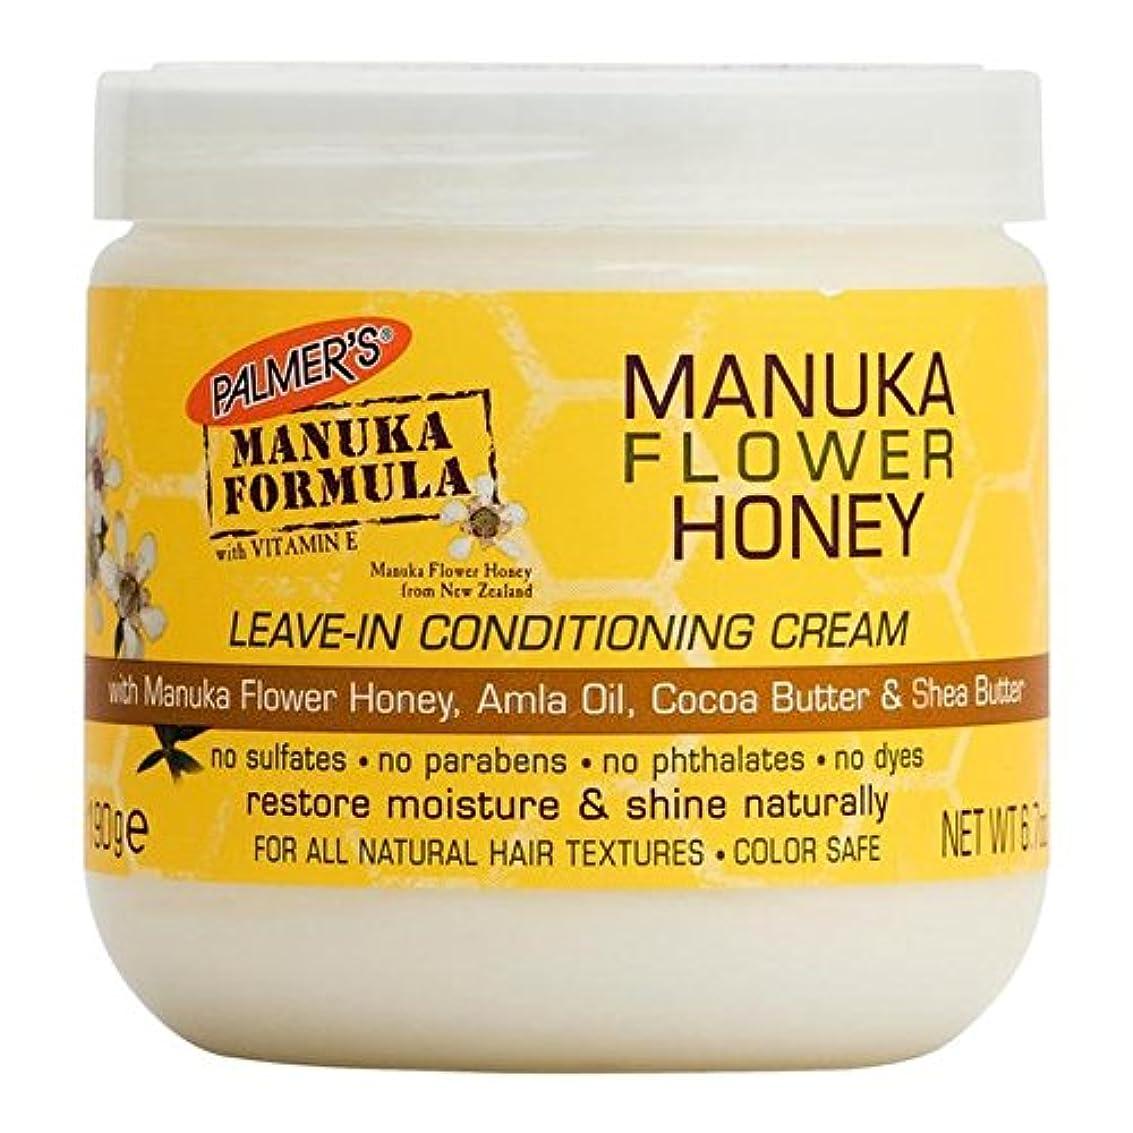 貸す好み魚Palmer's Manuka Formula Manuka Flower Honey Leave-In Conditioning Cream 190g (Pack of 6) - パーマーのマヌカ式マヌカの花の蜂蜜のリーブインコンディショニングクリーム190グラム x6 [並行輸入品]